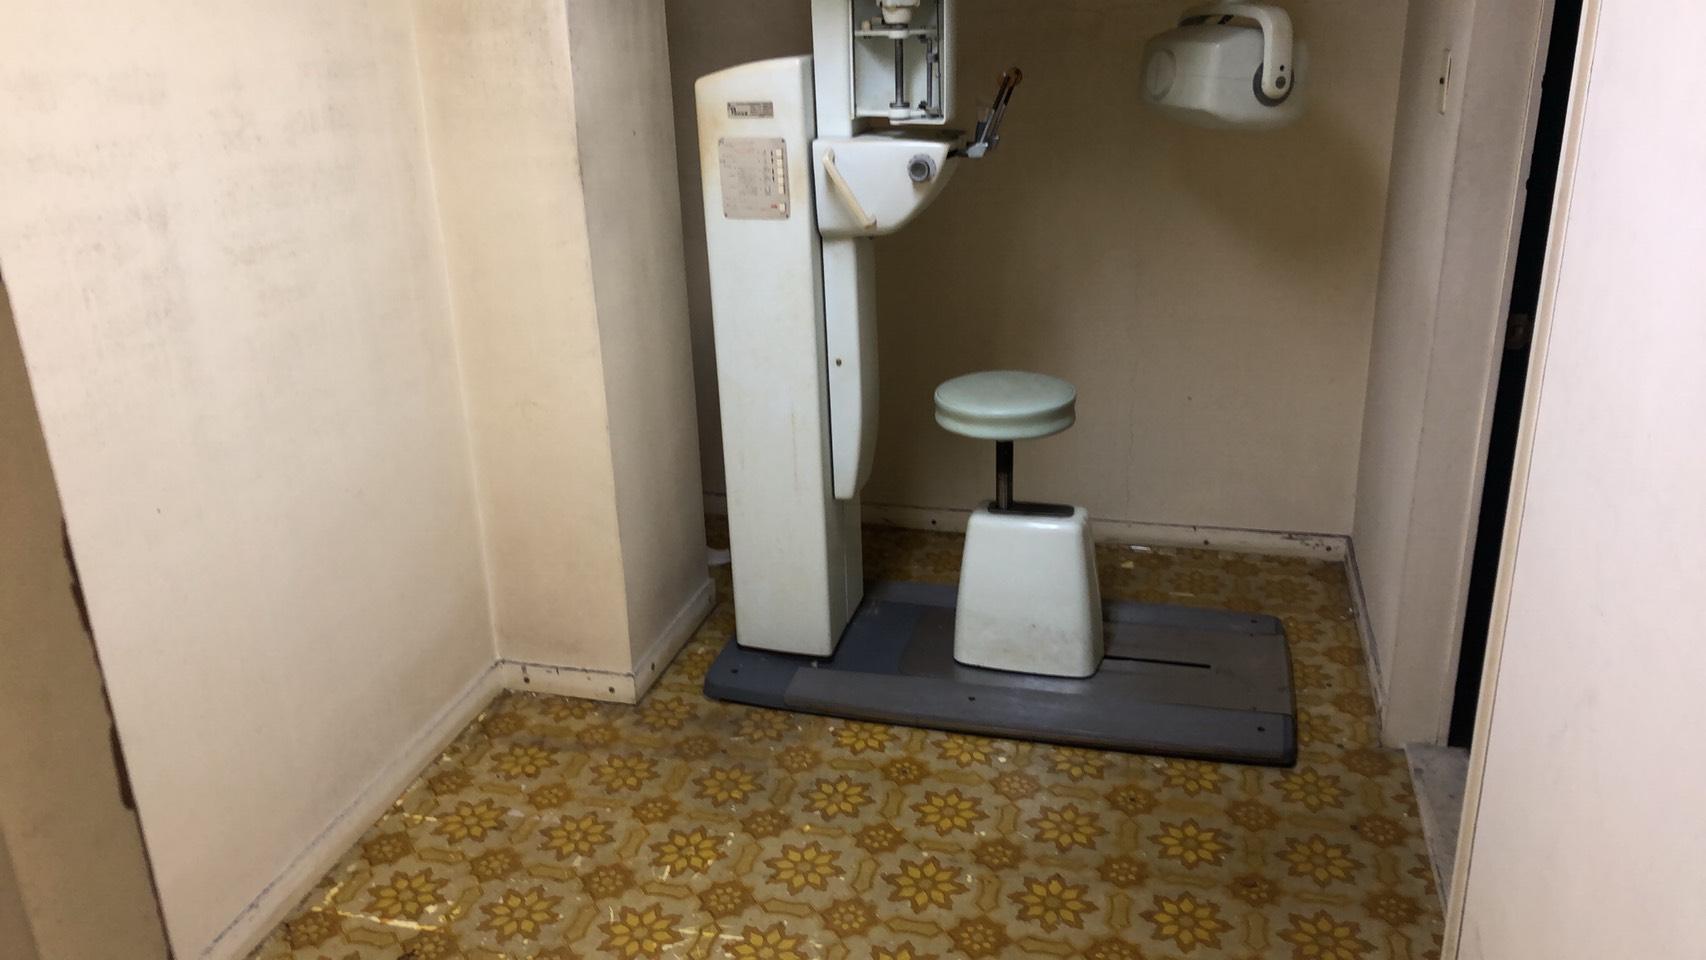 椅子、固定電話の回収後